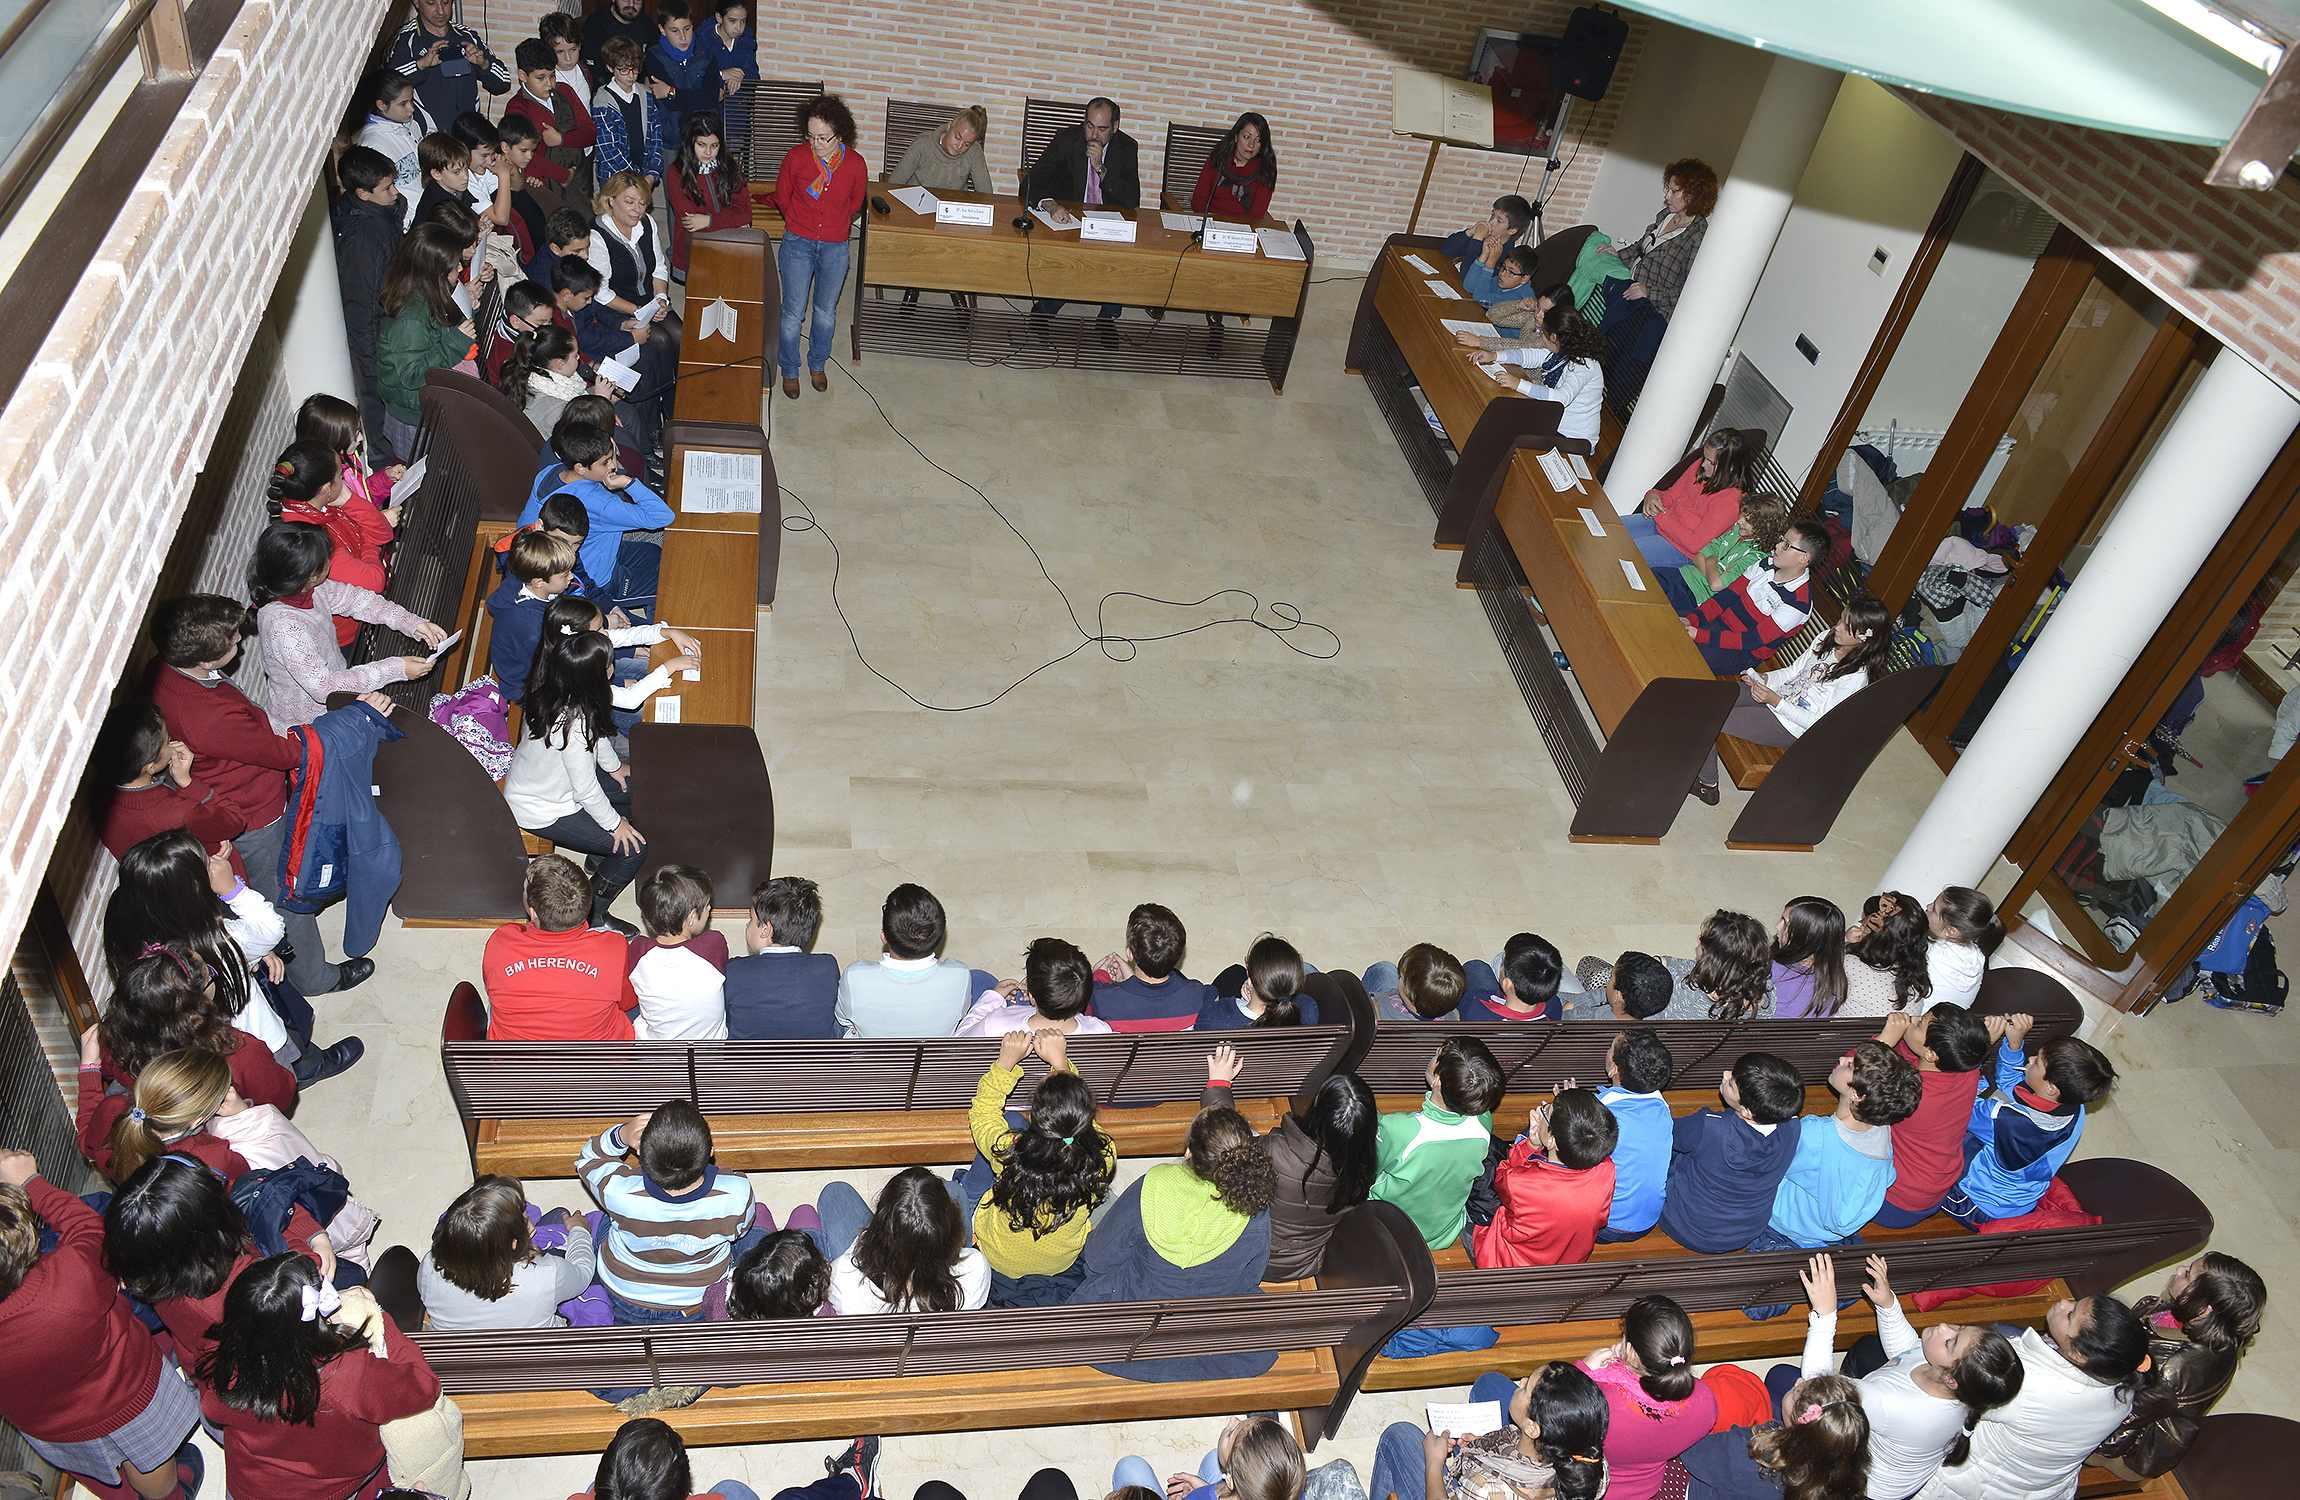 herencia pleno infantil constitucion 1 - Se dará a conocer el libro de las I Jornadas Históricas 775 Aniversario de la Carta Puebla en el acto del Día de la Constitución